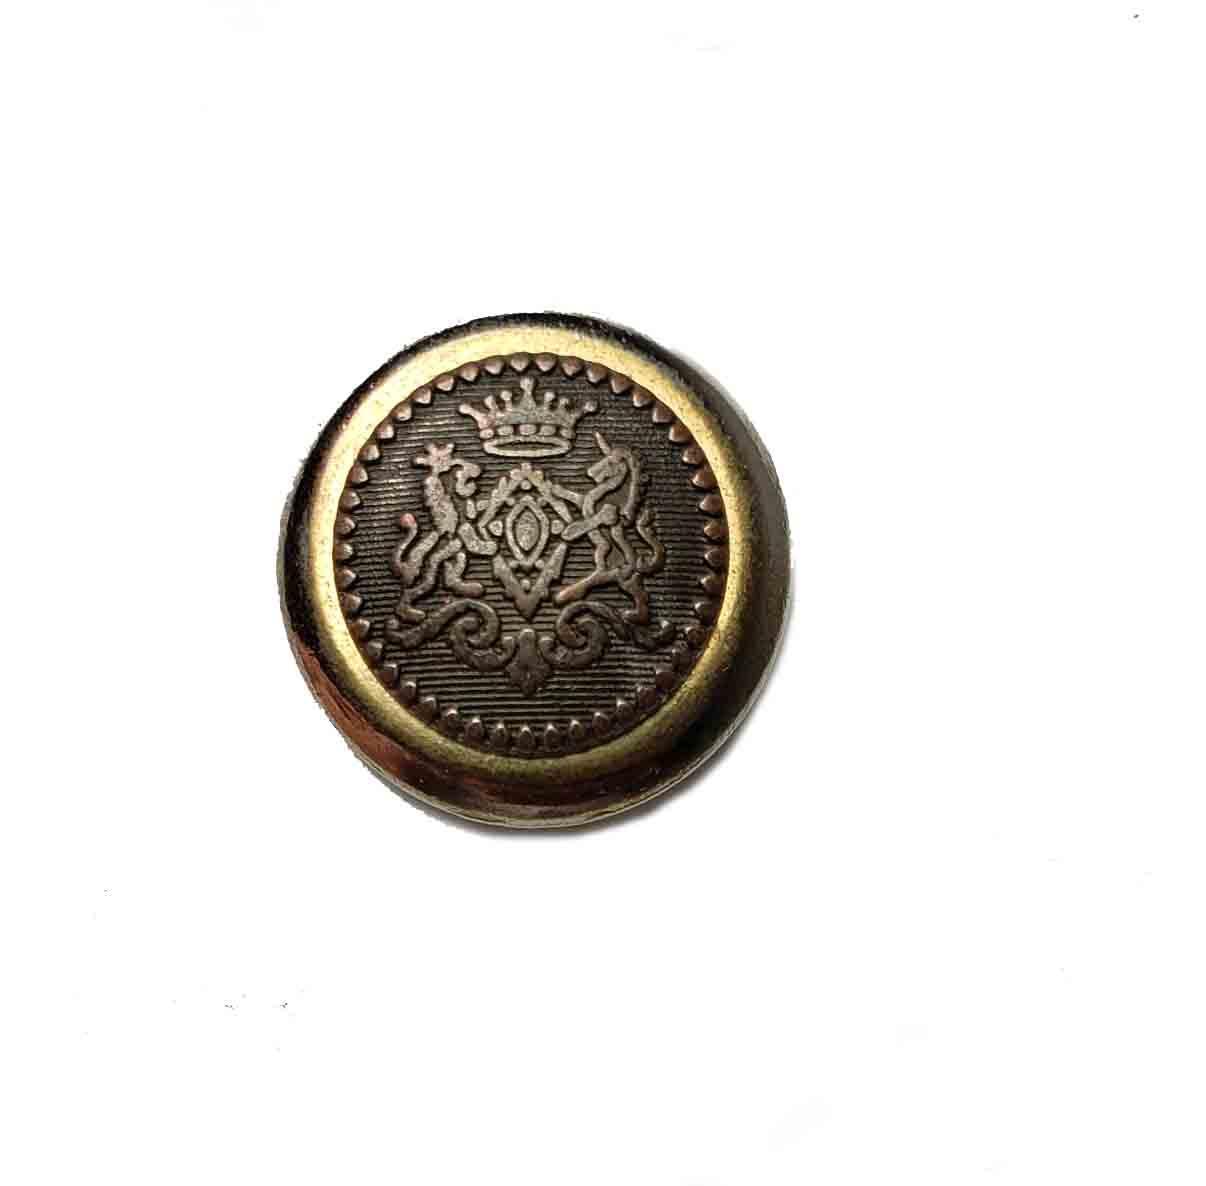 One Vintage Aquascutum Blazer Button Antique Gold Brown Brass Crown Lion Unicorn Men's